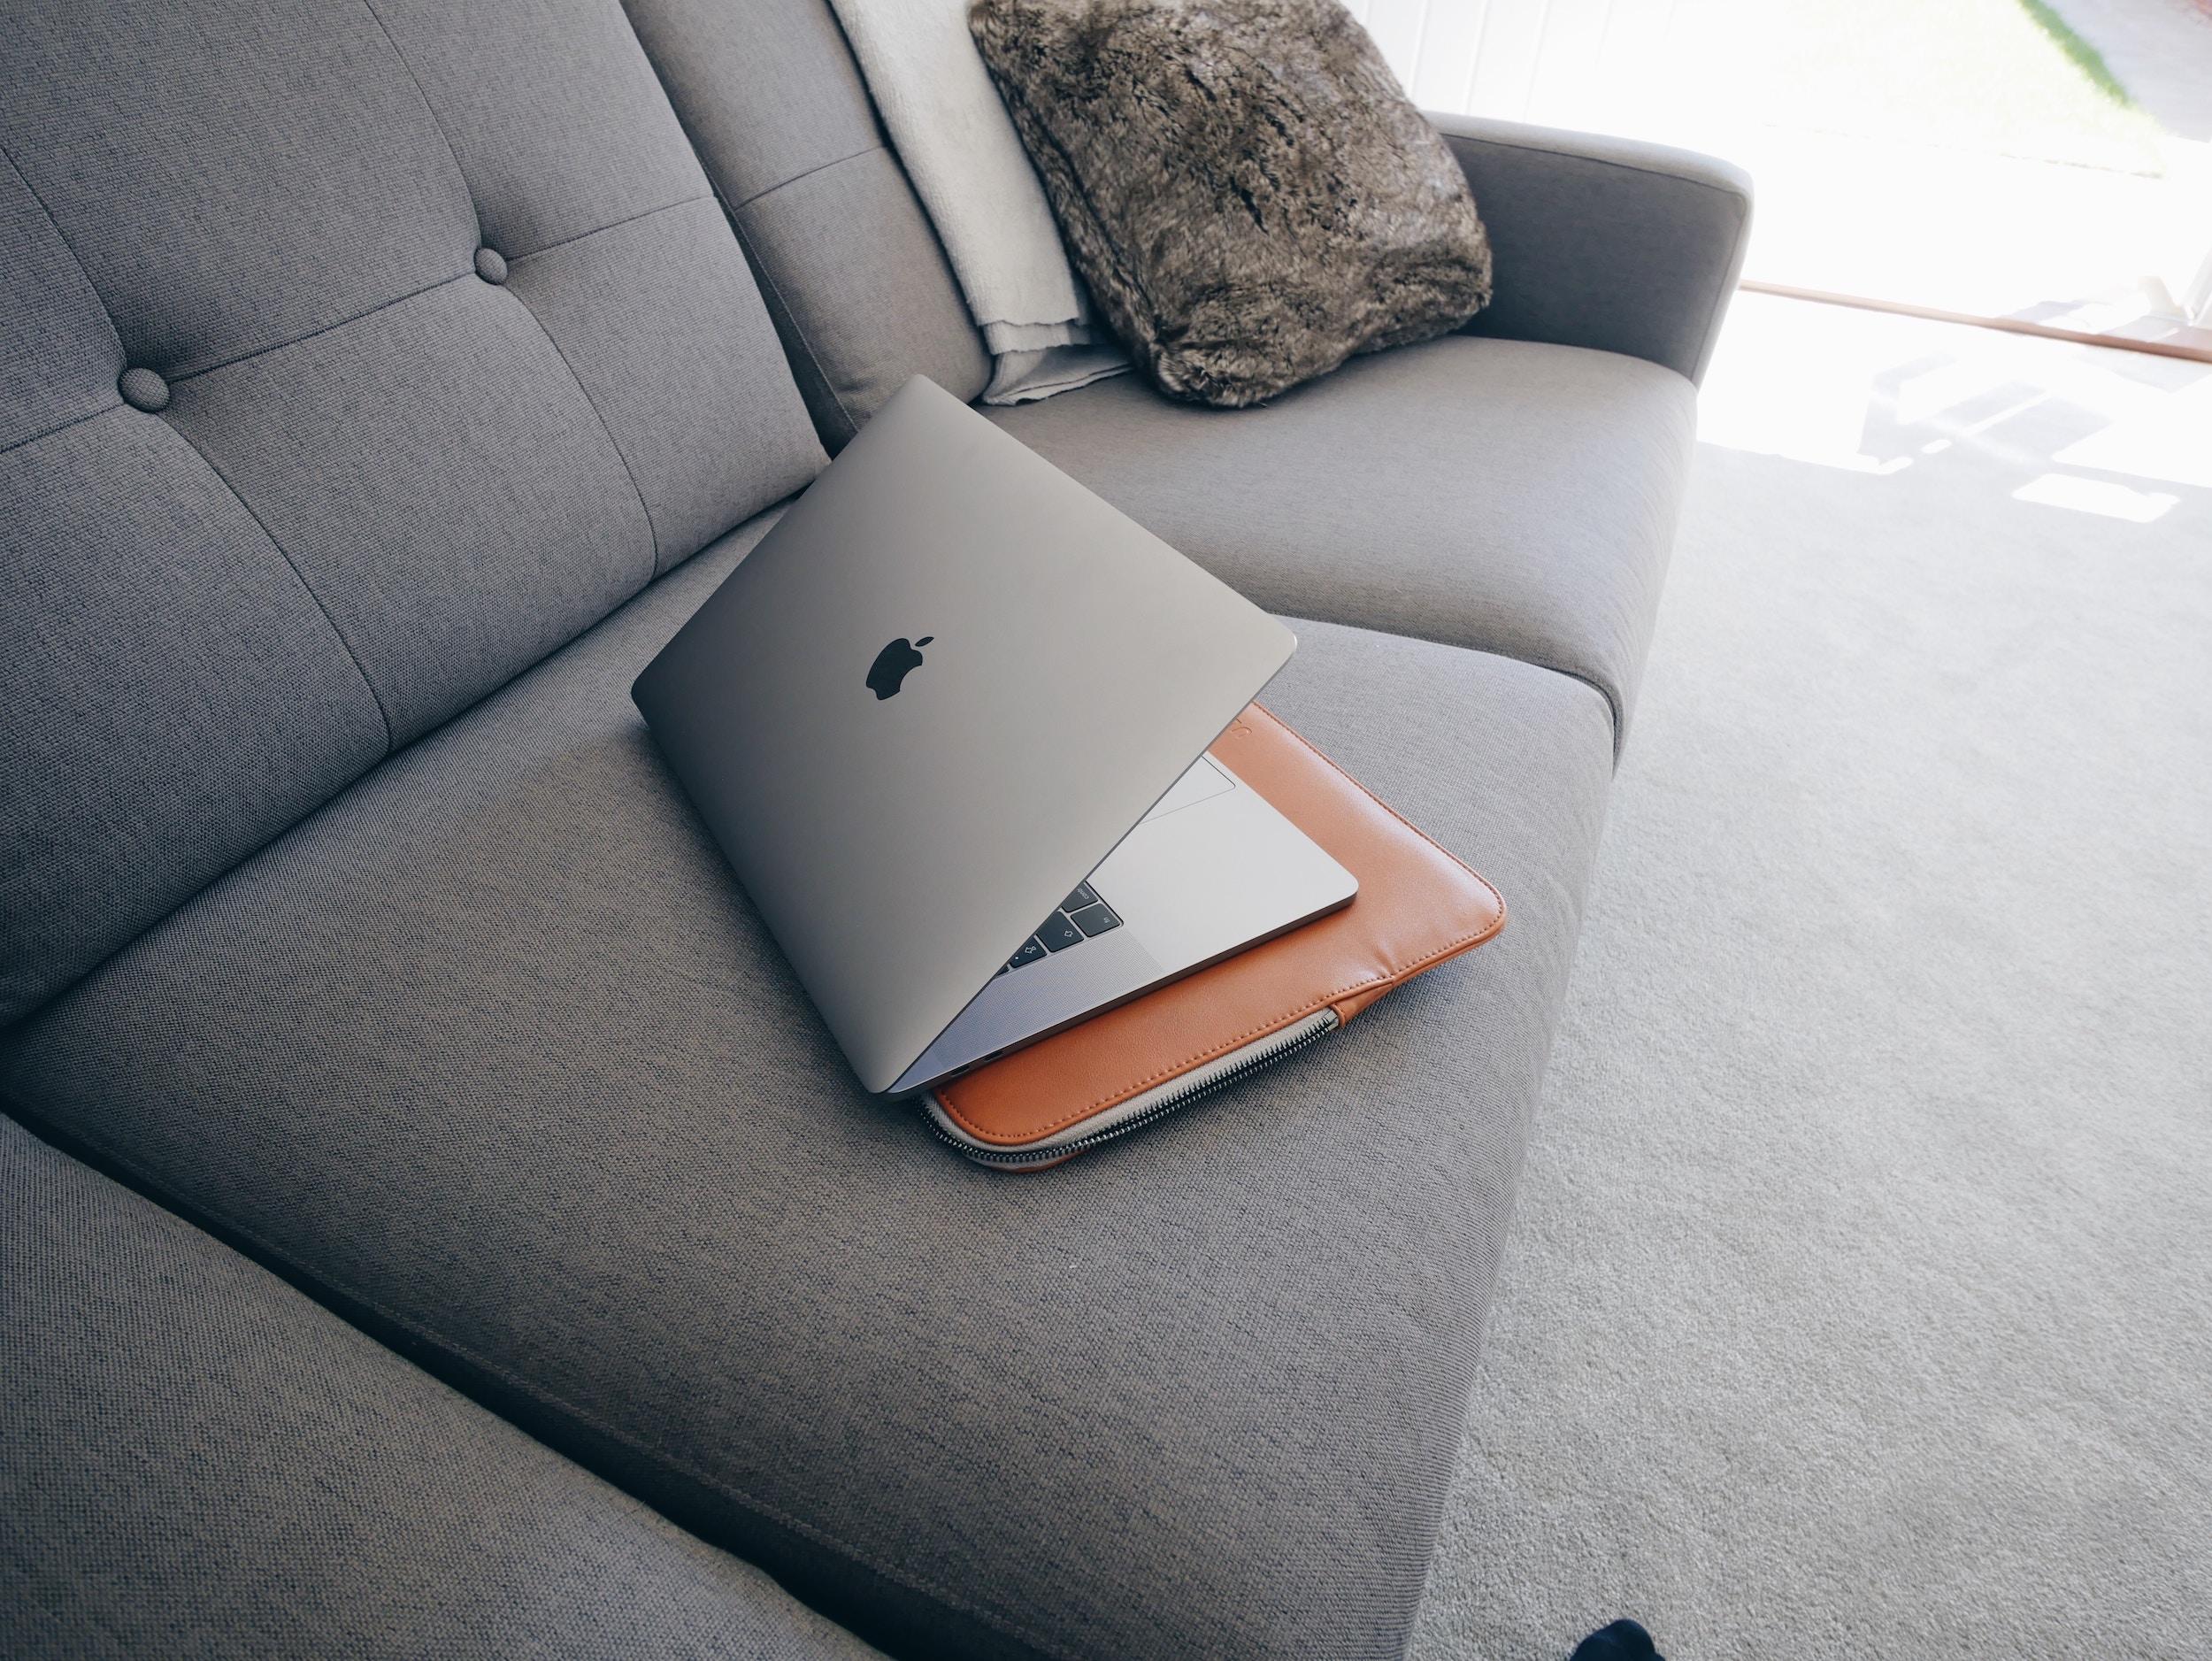 Geek Cat - macbook czy warto